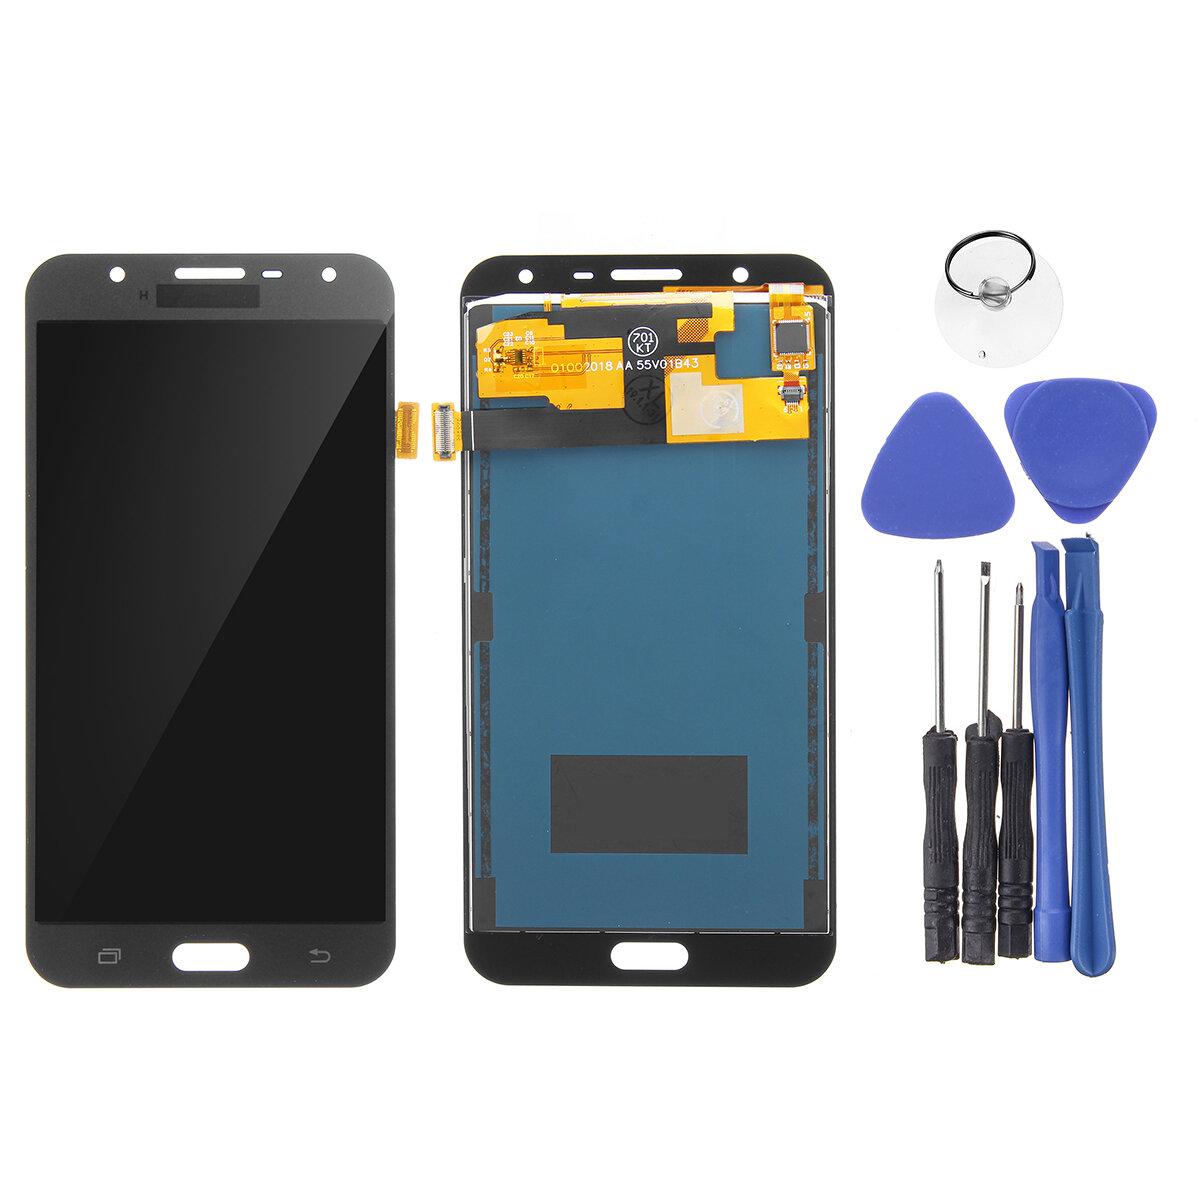 LCD Pantalla + reemplazo del digitizador de la pantalla táctil con la reparación herramientas para Samsung Galaxy J7 Neo J701F J701M